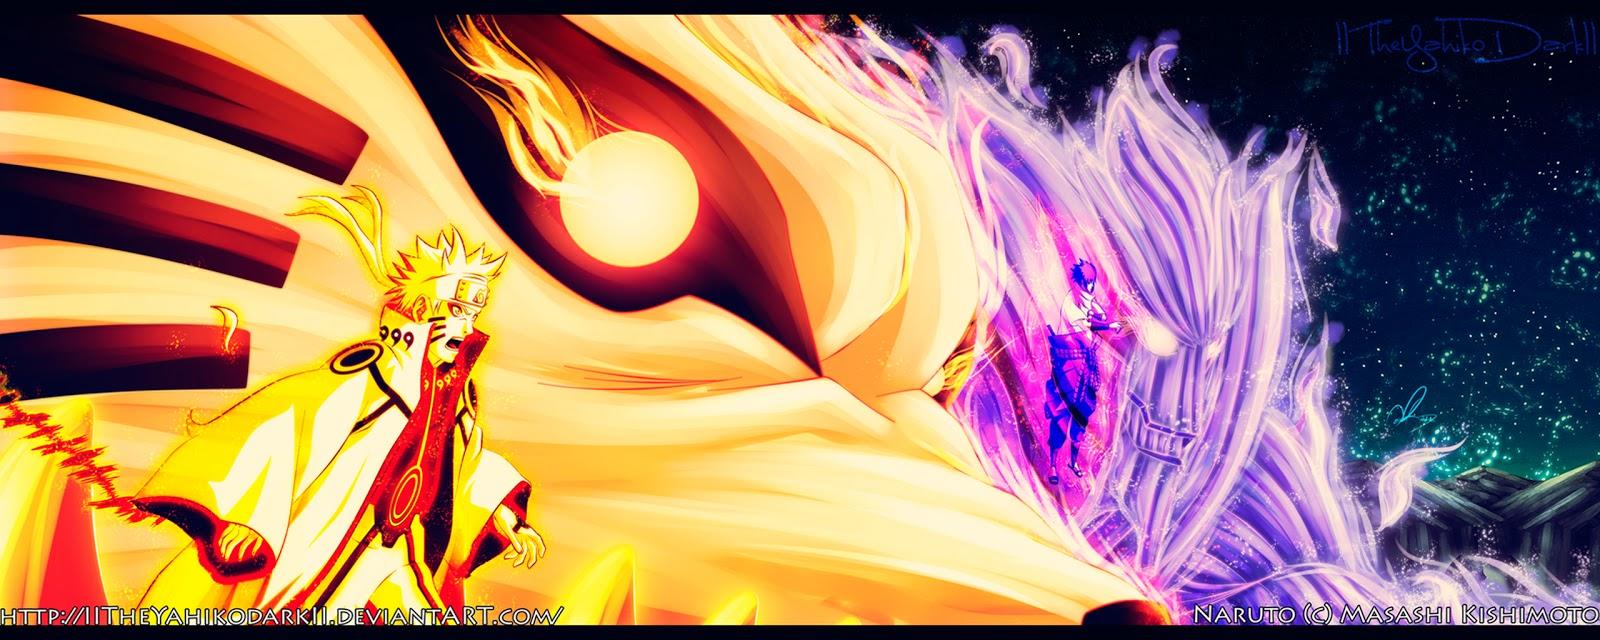 Naruto Susanoo Wallpaper - WallpaperSafari